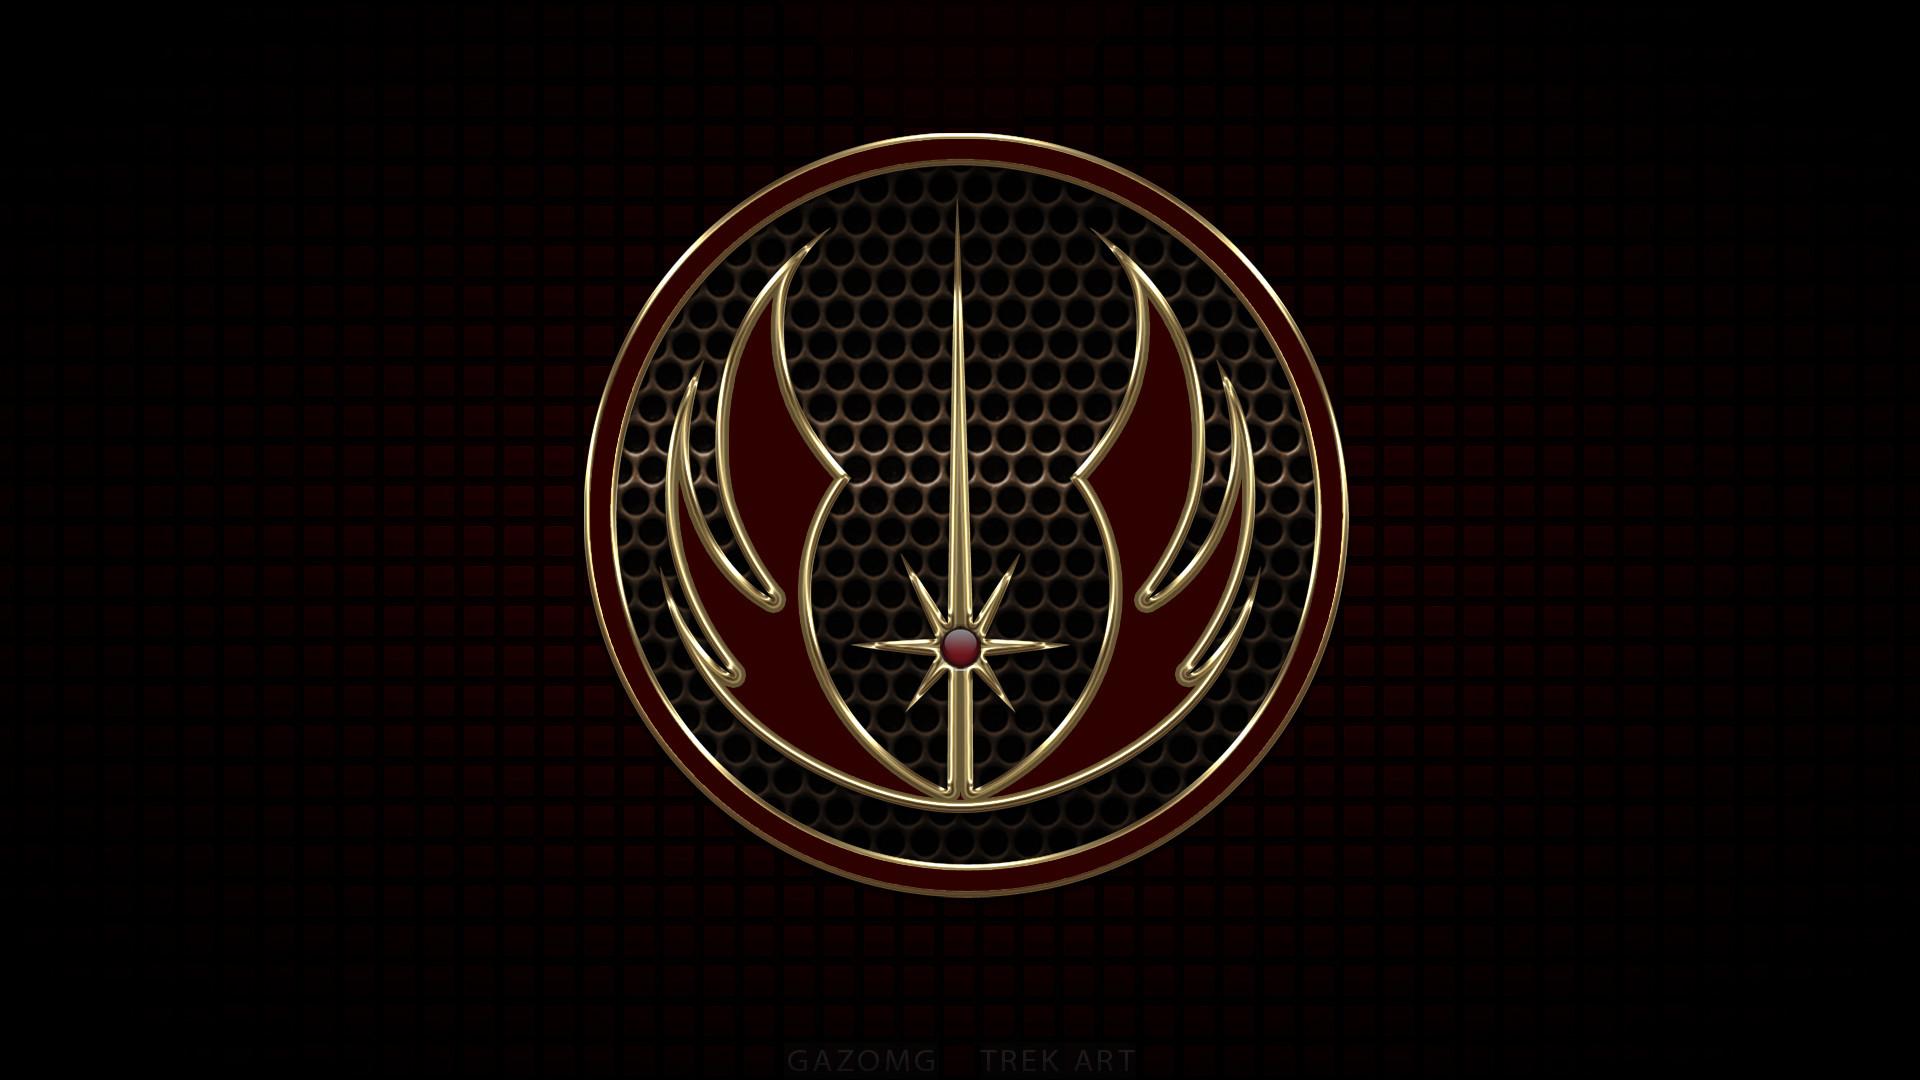 … Star Wars Jedi Logo by gazomg